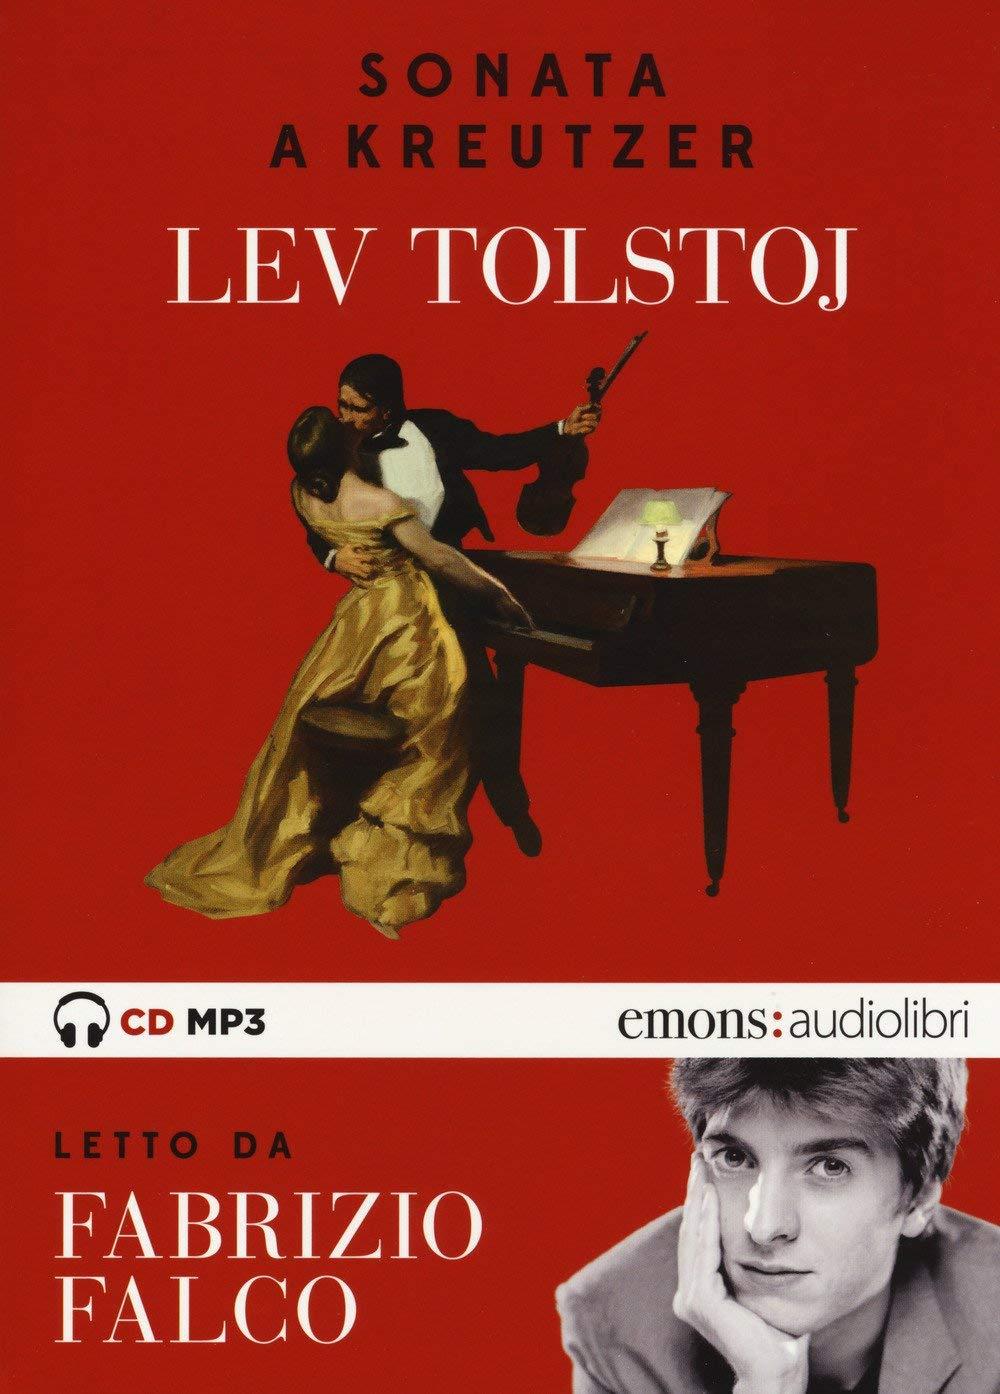 Audiolibro Tolstoj Lev - Tolstoj Lev (Audiolibro) NUOVO SIGILLATO, EDIZIONE DEL 05/04/2018 SUBITO DISPONIBILE